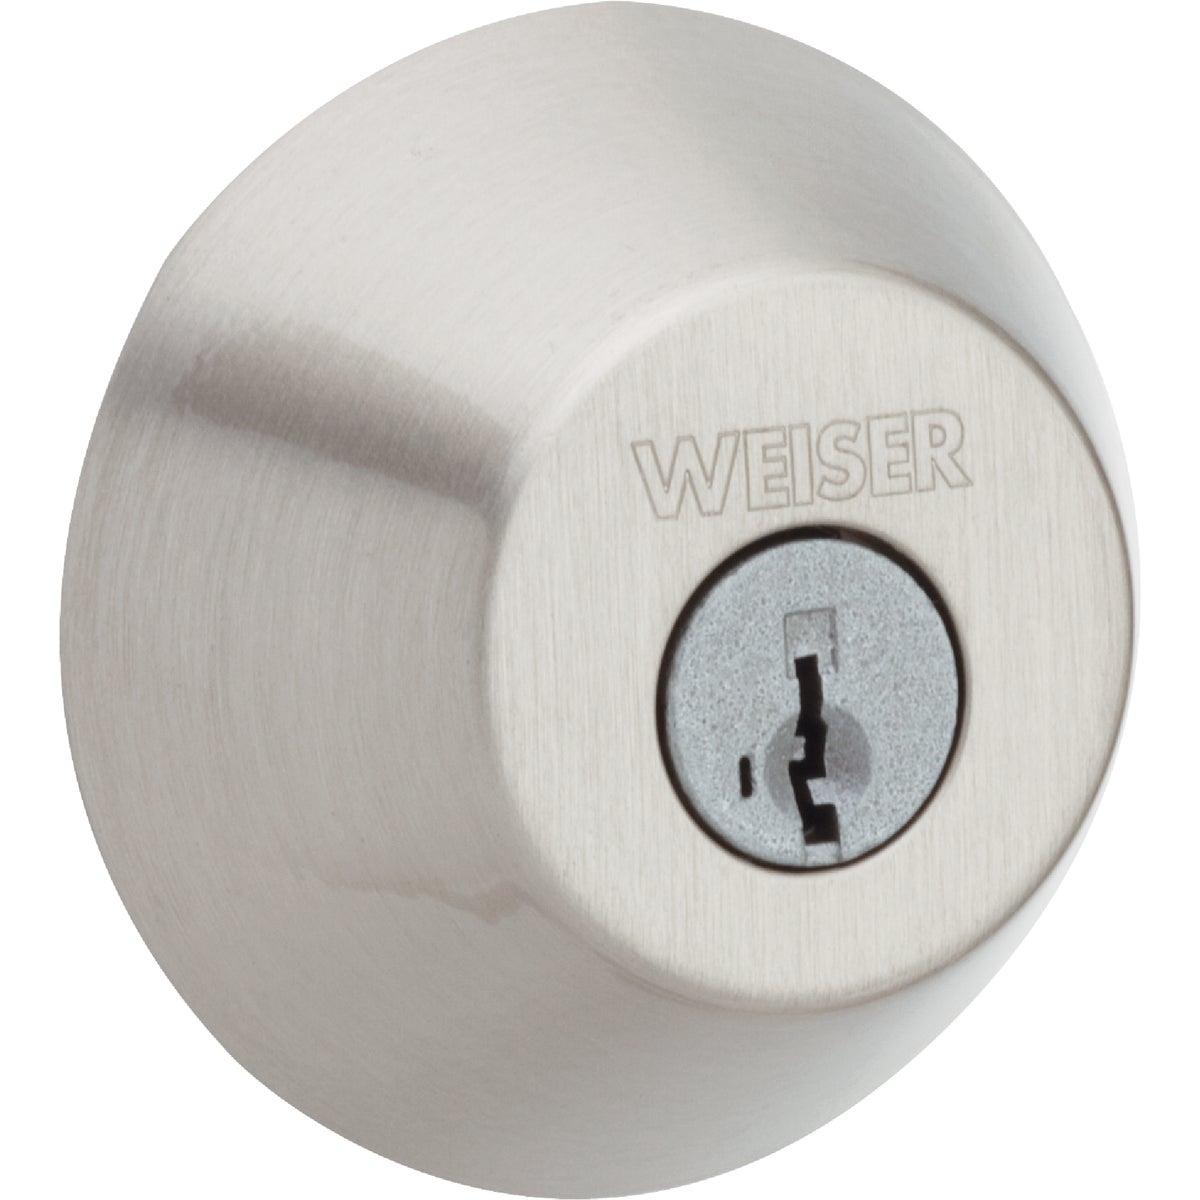 Weiser Lock SN 1CYL SK DEADBOLT GD9471X 15 SMT K4